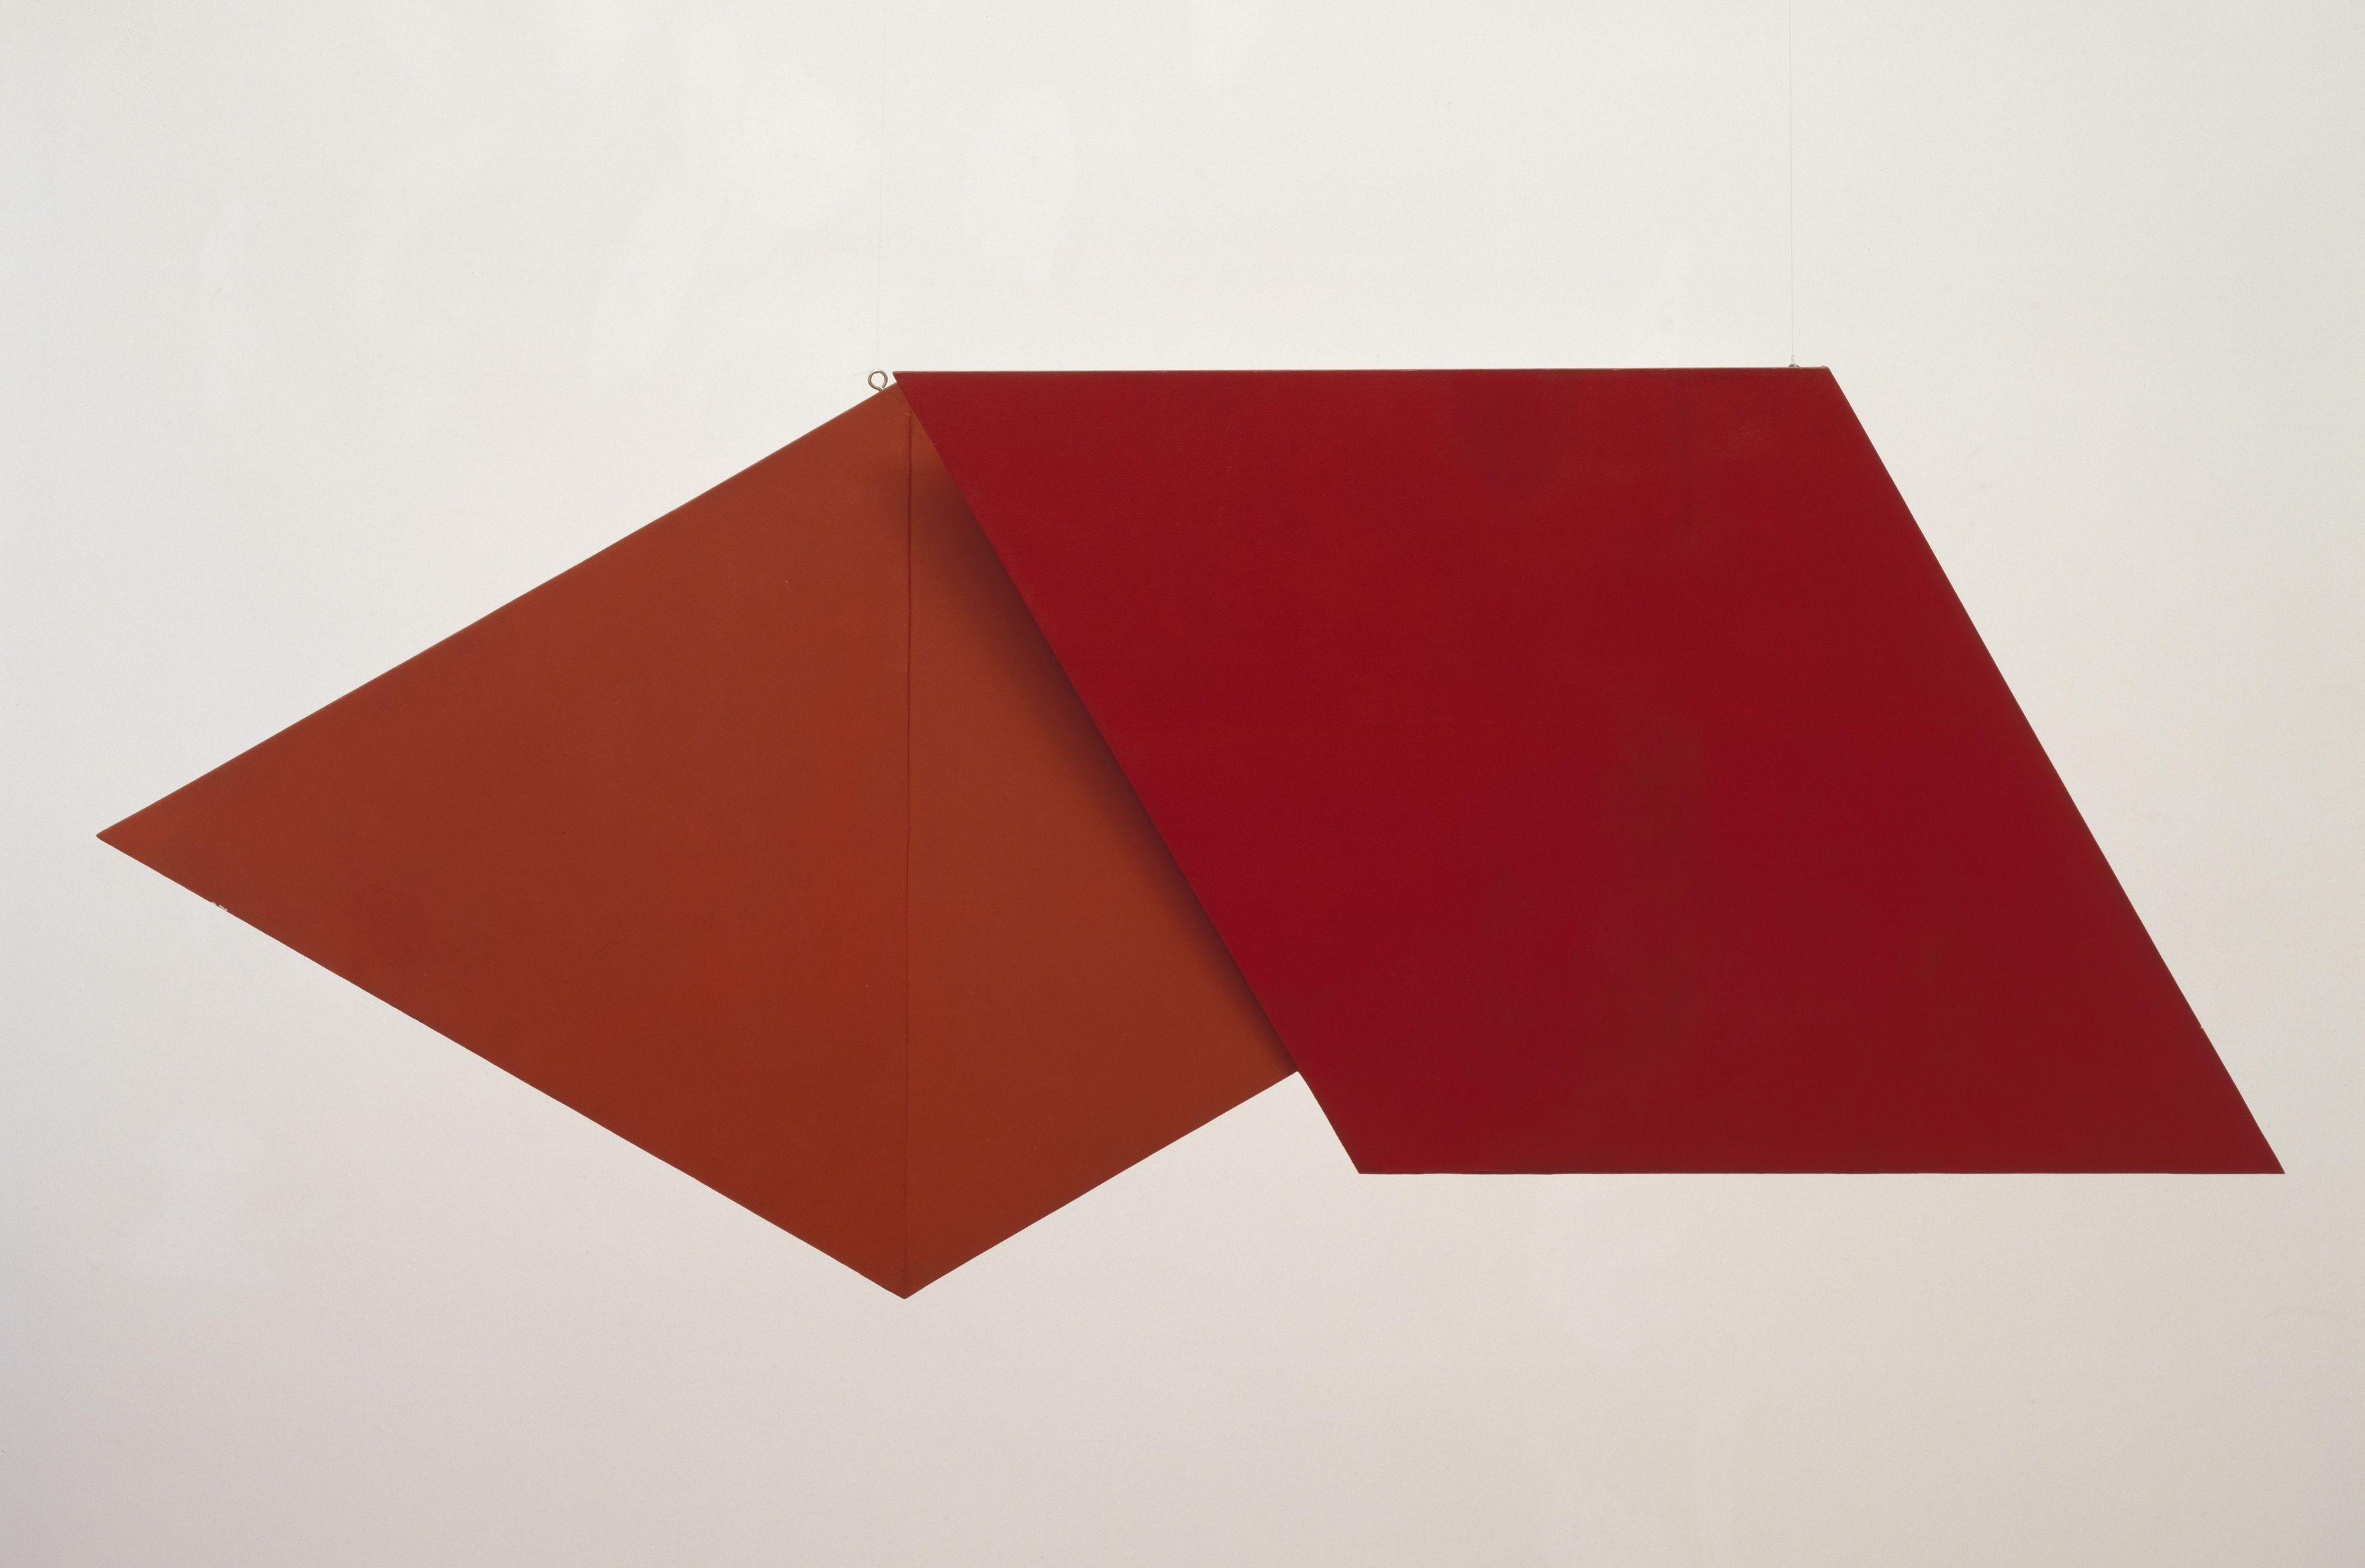 Hélio Oiticica Relevo Espacial (Vermelho) REL 036 (Spatial